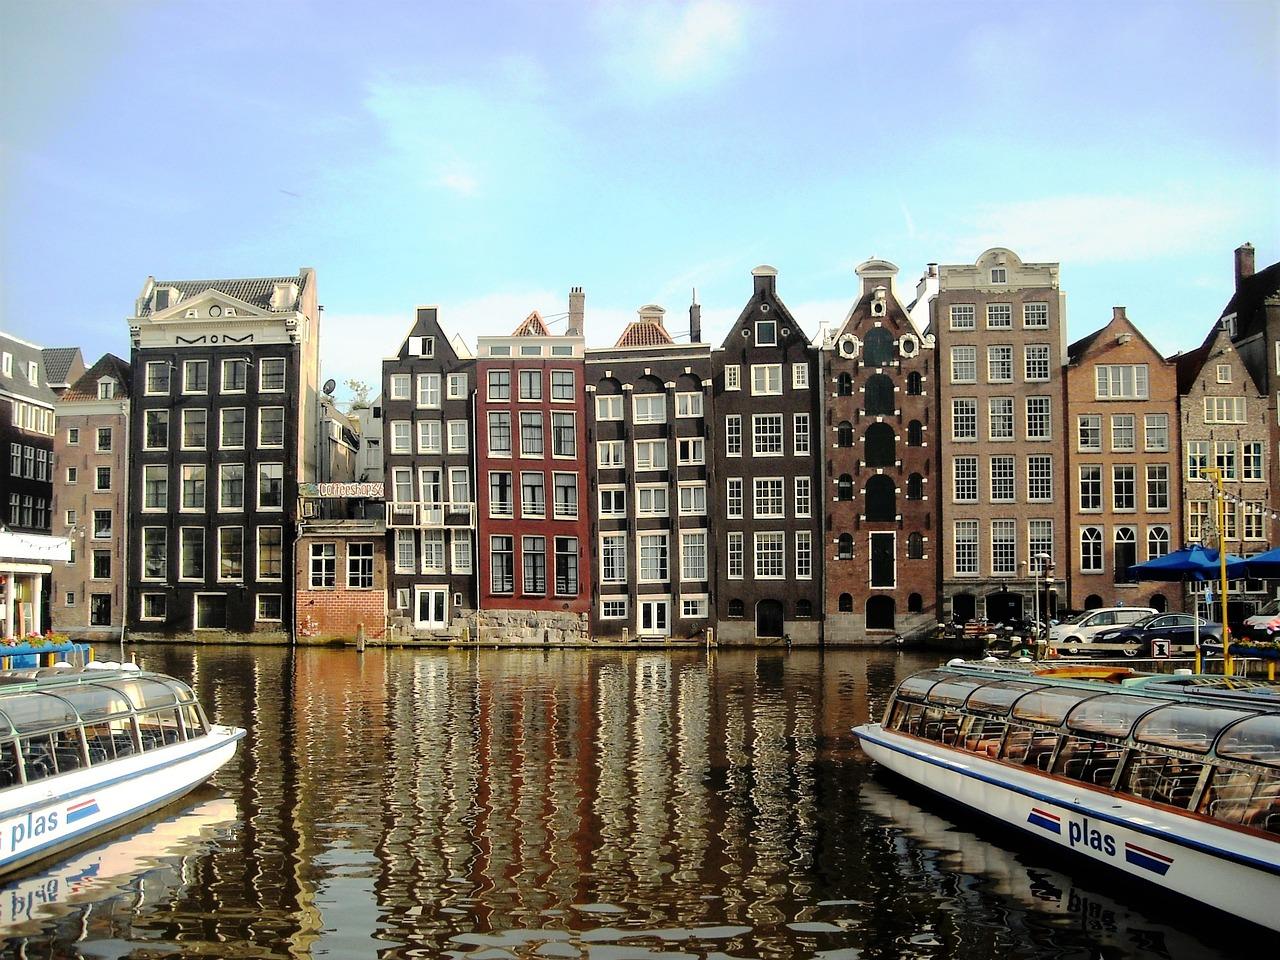 смотреть картинки амстердама попугаев, кажется, имеет